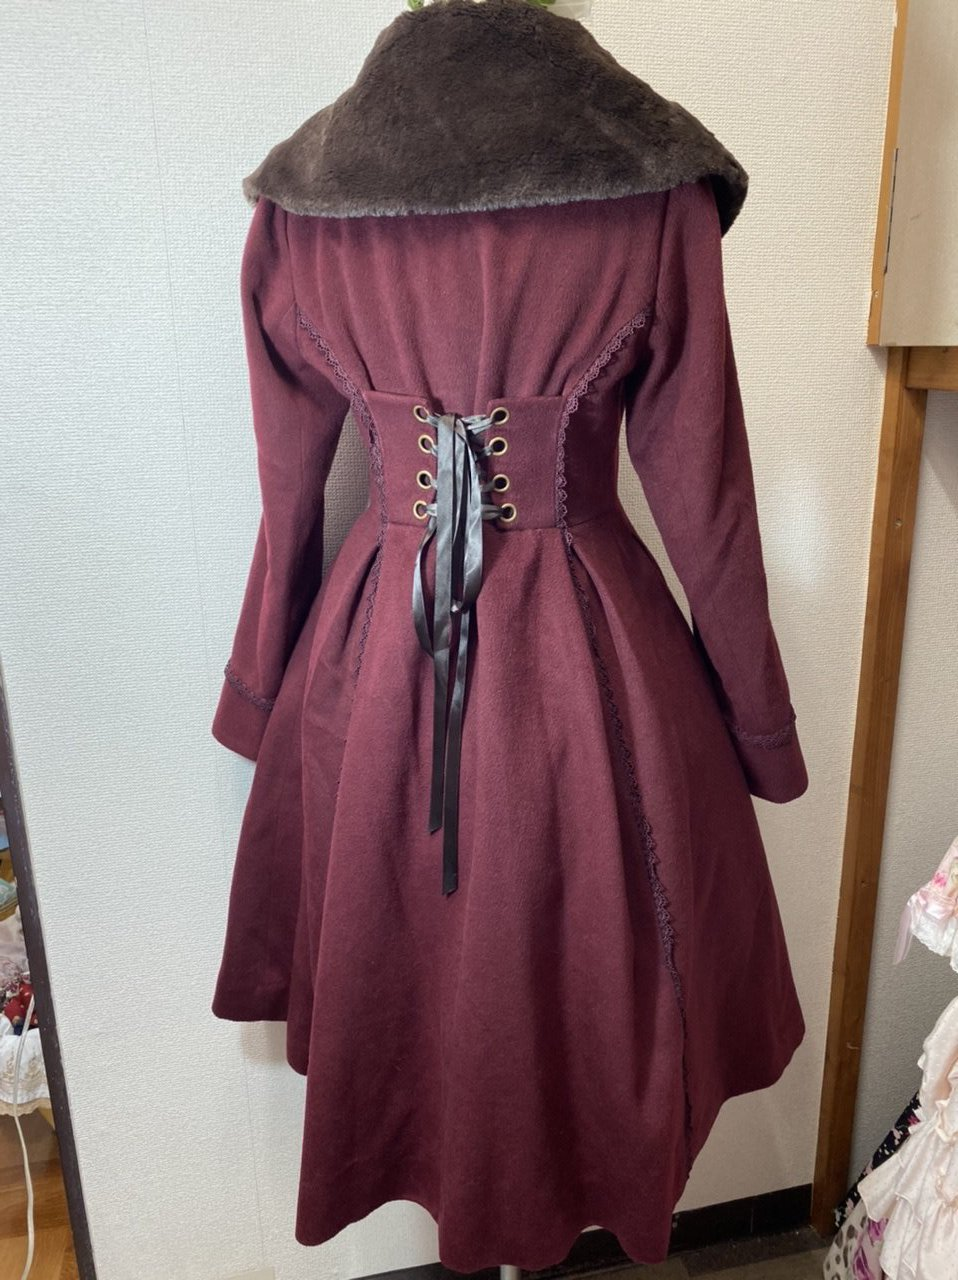 Axe Femme high low Winter Mantel in dunkel rot m. Schnürung, lolita, japan, kragen, spitze